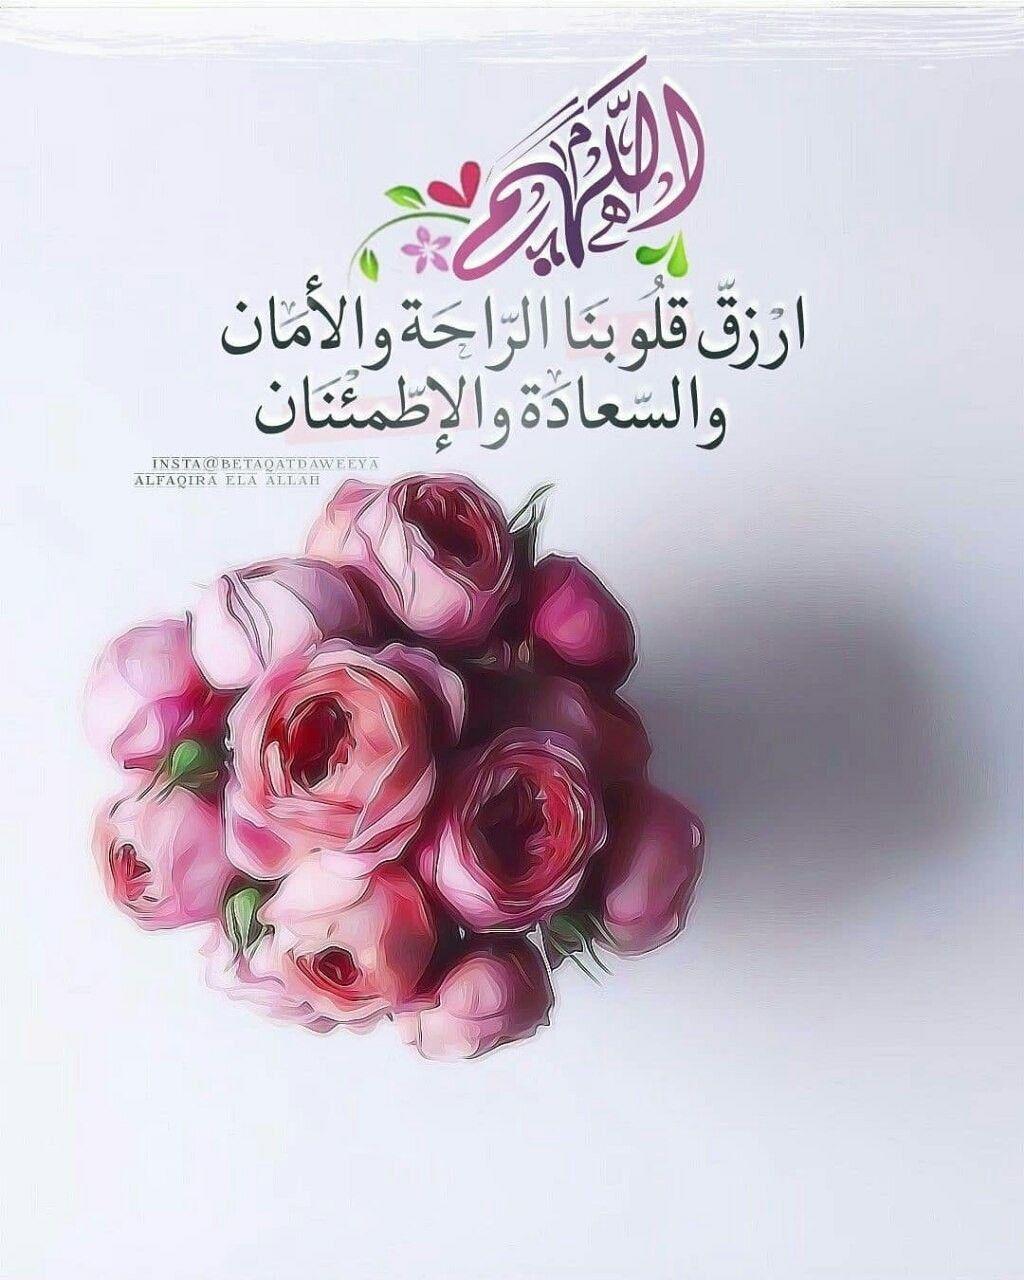 صورة بطاقات ادعية اسلامية متحركة , افضل الادعية الاسلامية المستحبة